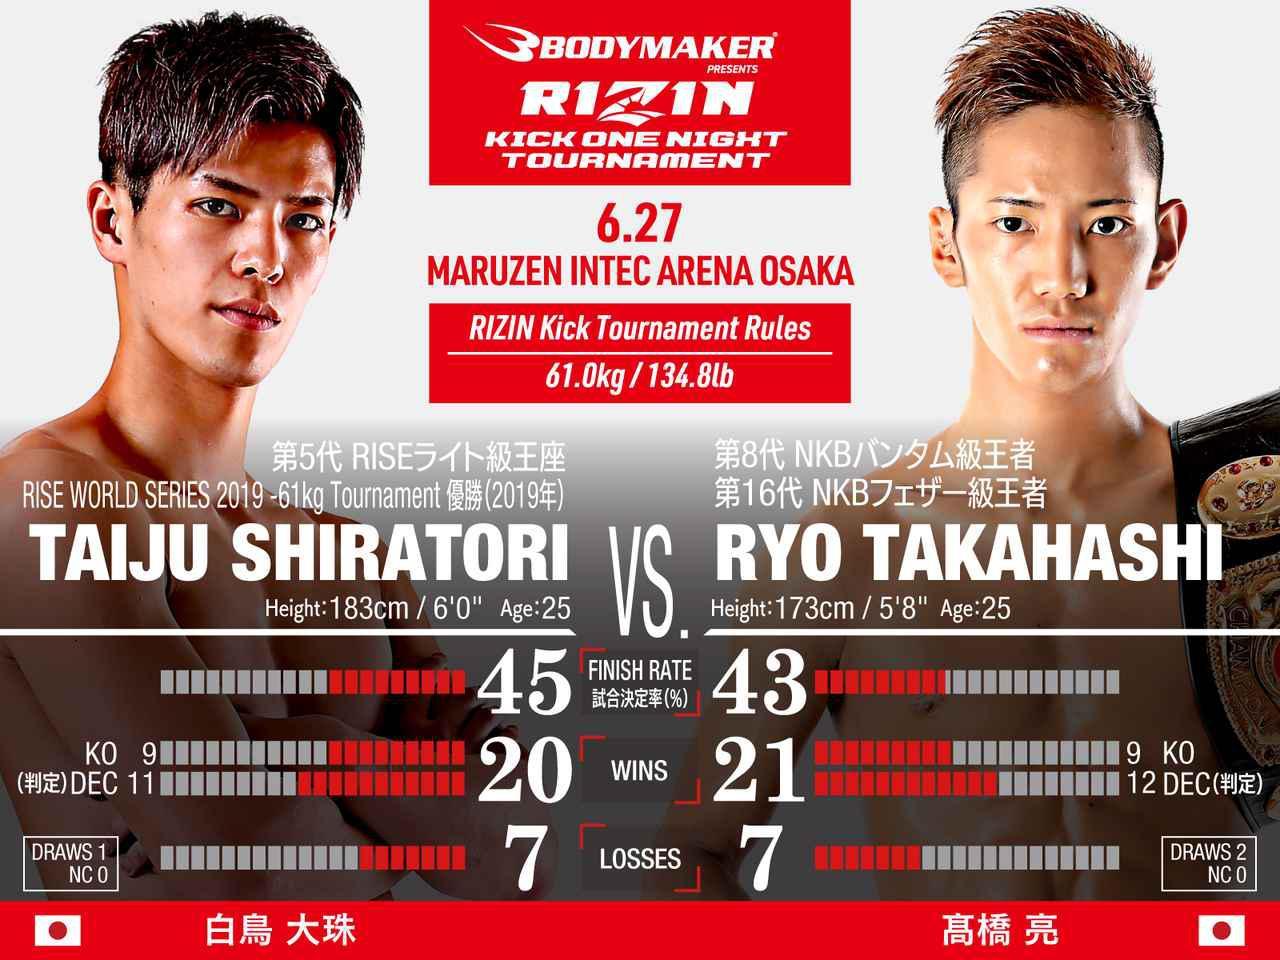 画像: 第5試合 BODYMAKER presents RIZIN KICK ワンナイトトーナメント 1回戦/ 白鳥大珠 vs. 髙橋亮